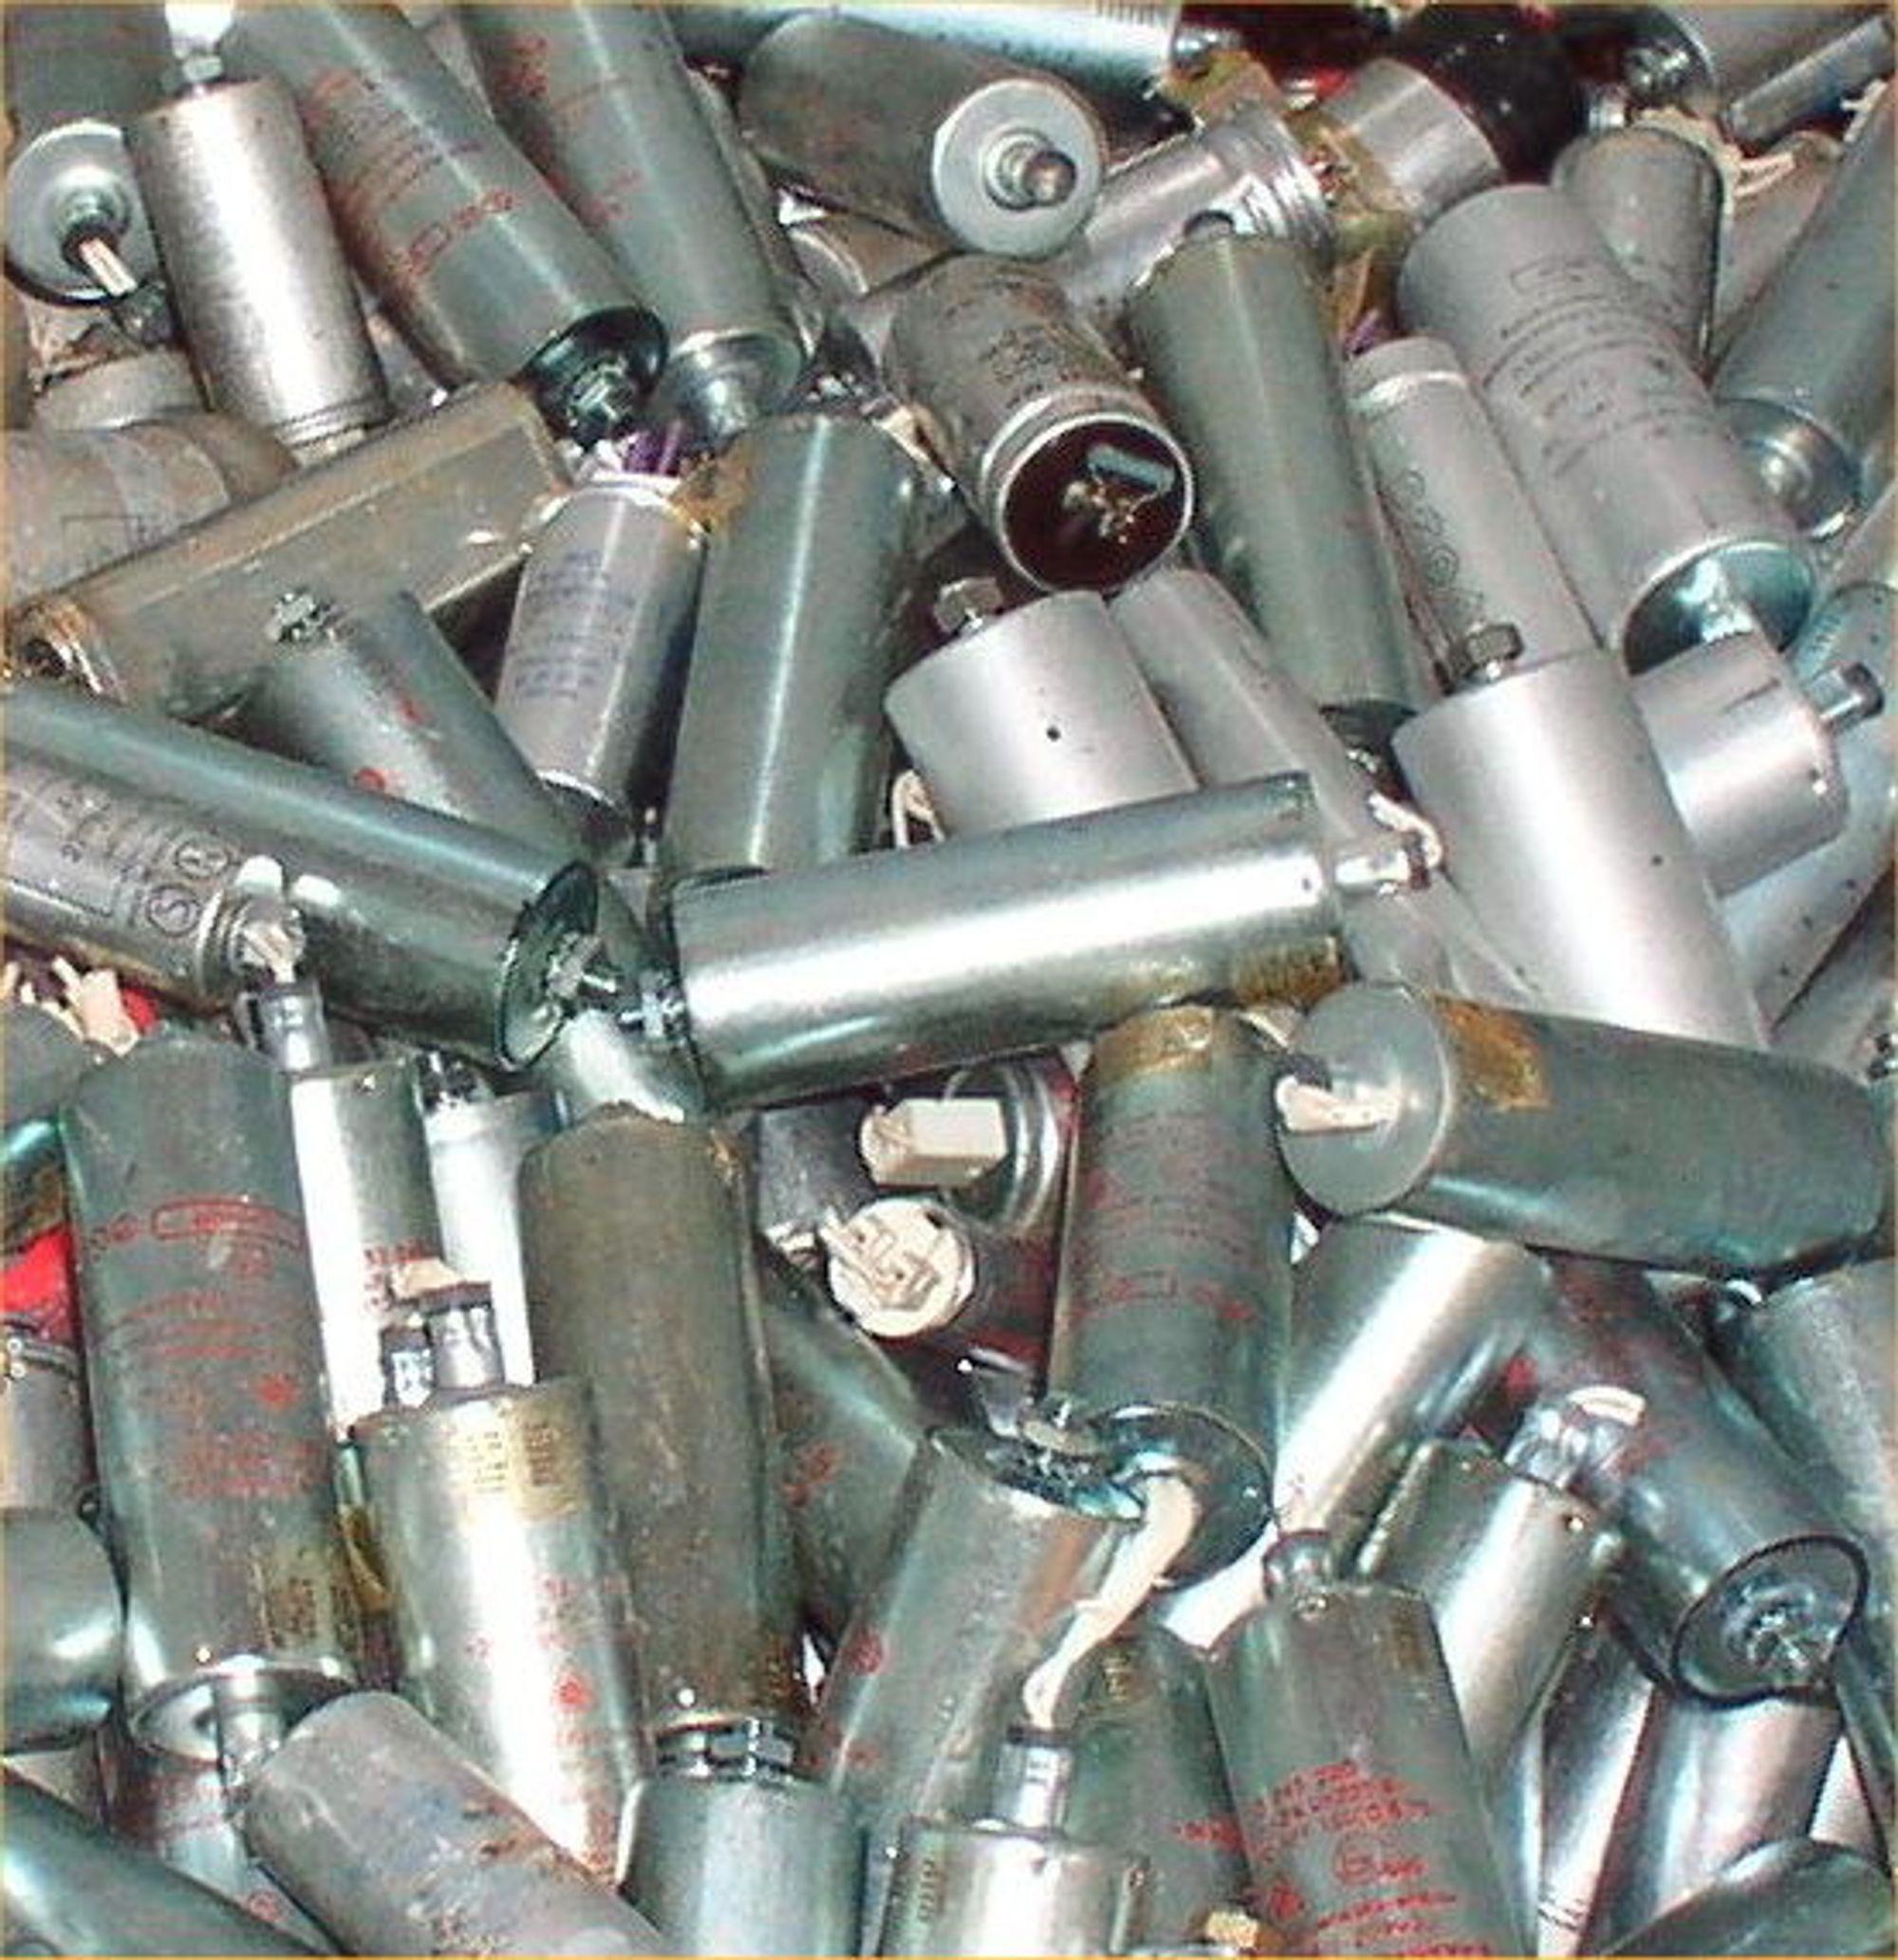 50 TONN: Mye PCB er fjernet, men fortsatt må 50 tonn bort fra kondensatorer innen utgangen av 2007.